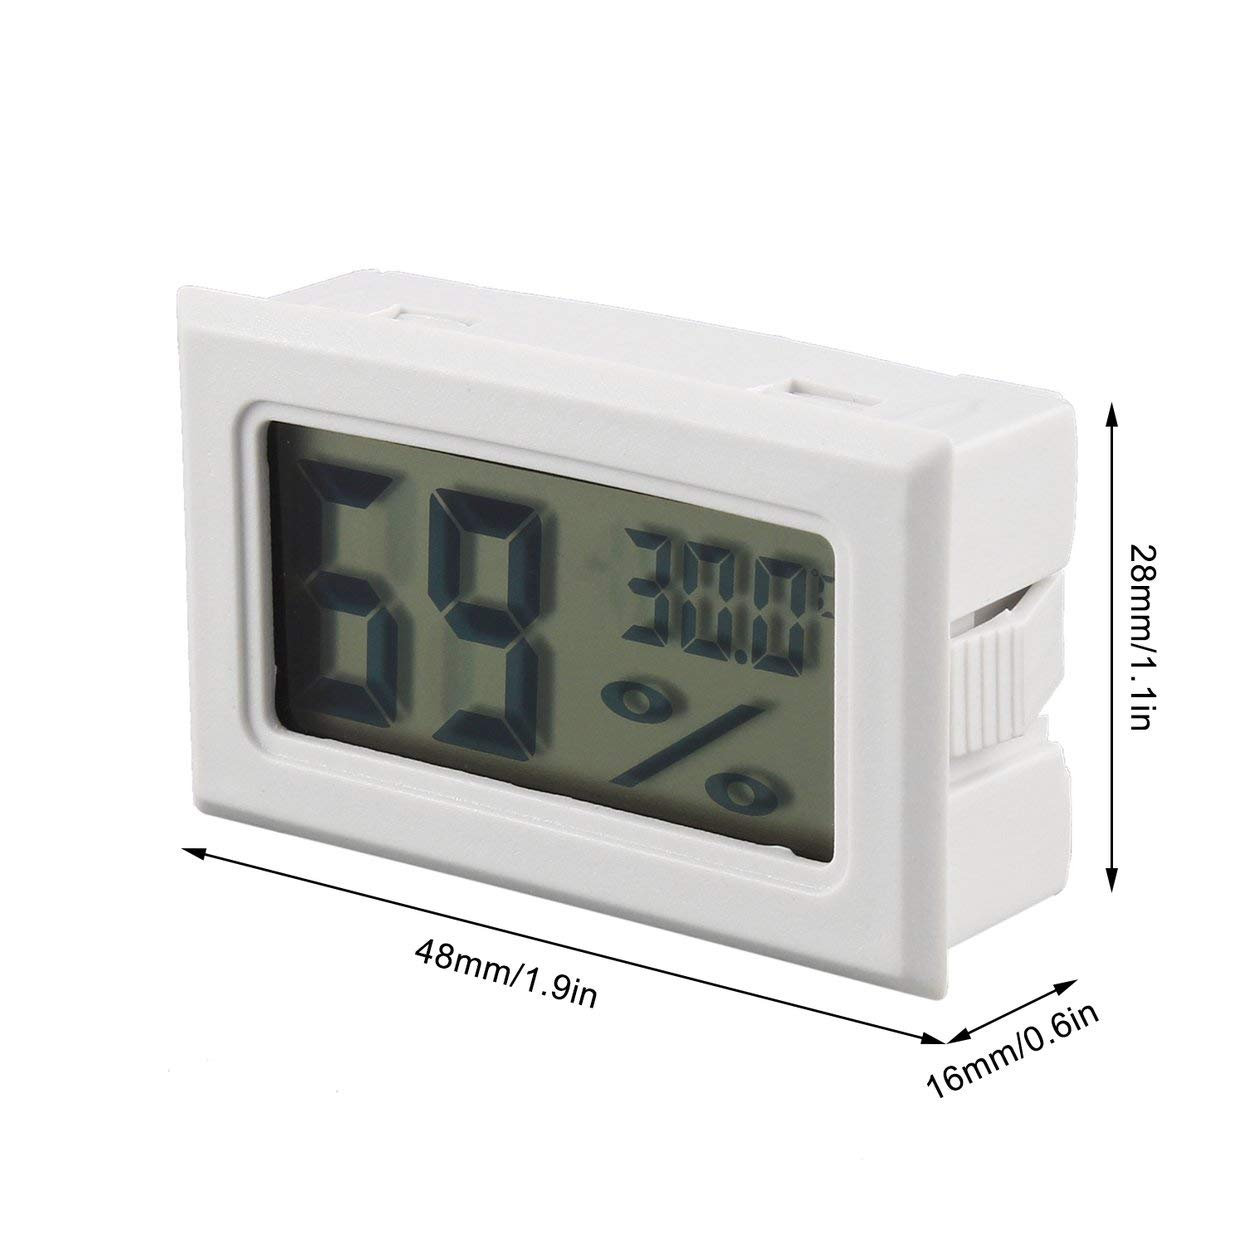 LoveOlvido Thermom/ètre num/érique LCD Professionnel Mini Hygrom/ètre Humidit/é Temp/érature M/ètre Capteur daffichage num/érique LCD int/érieur Blanc